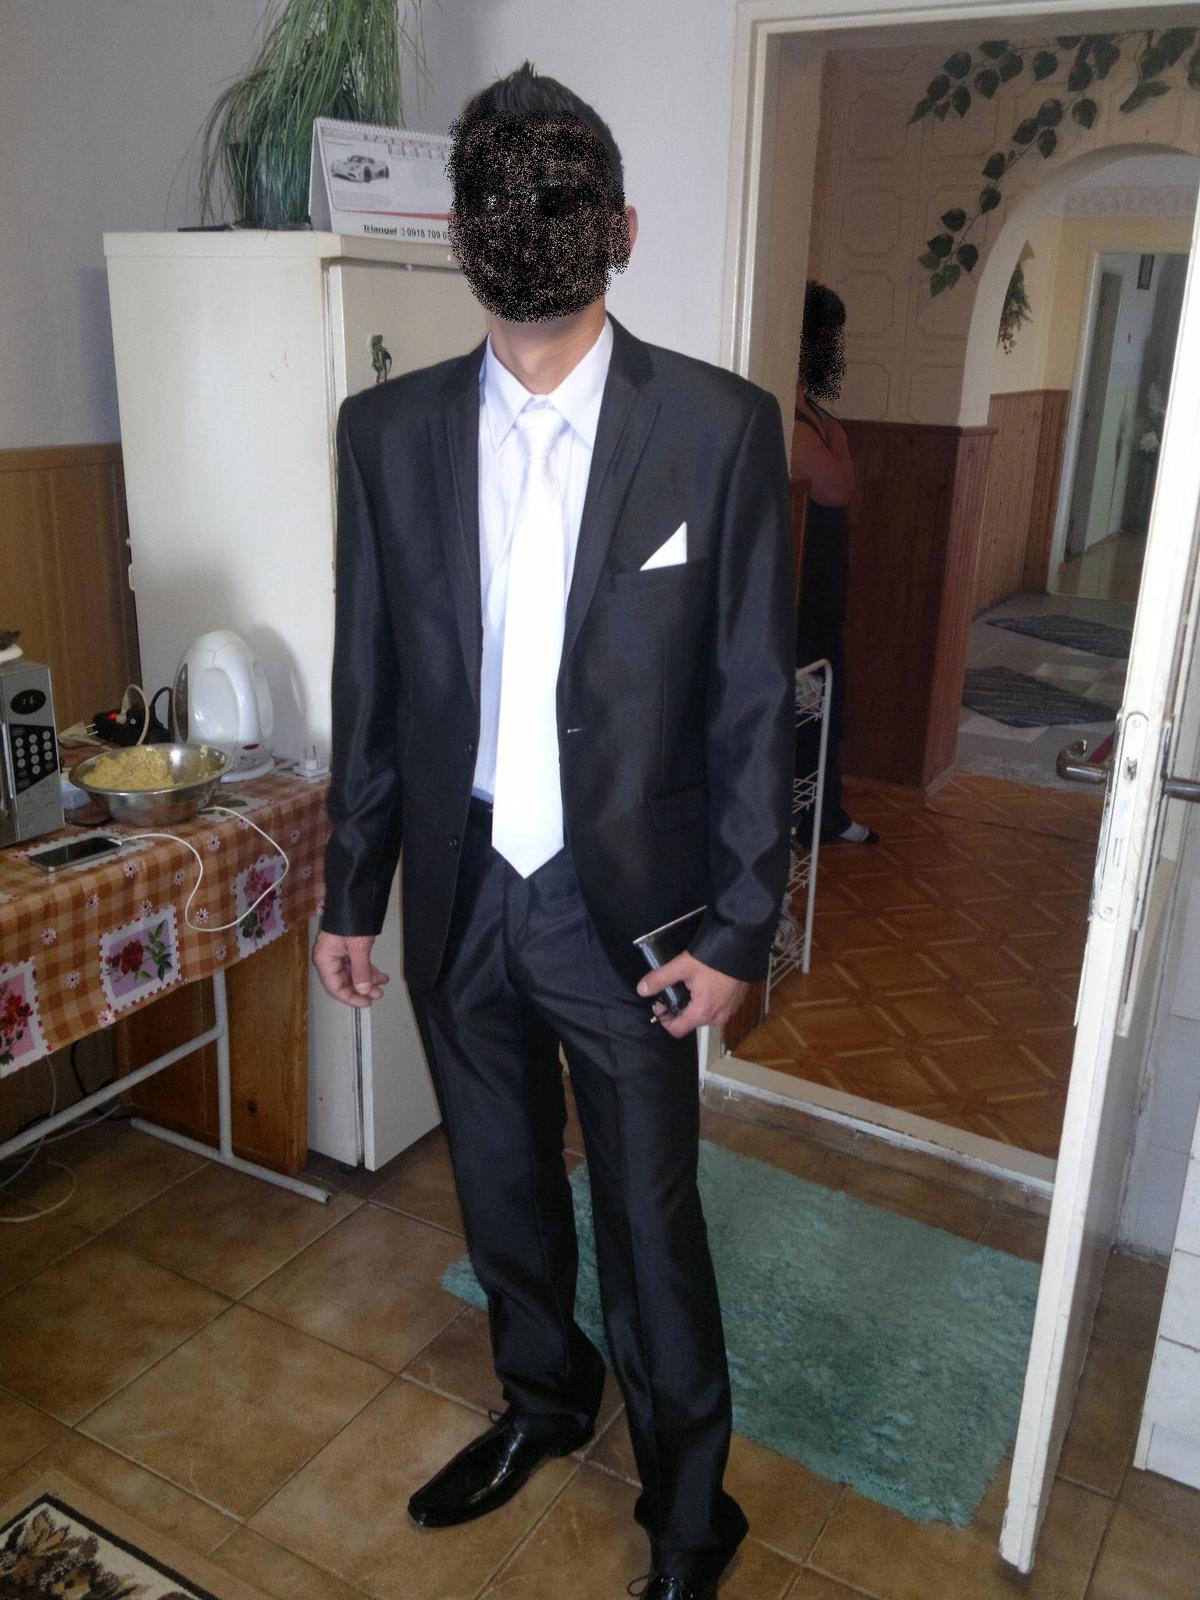 438aeee31712 Pansky oblek paco romano